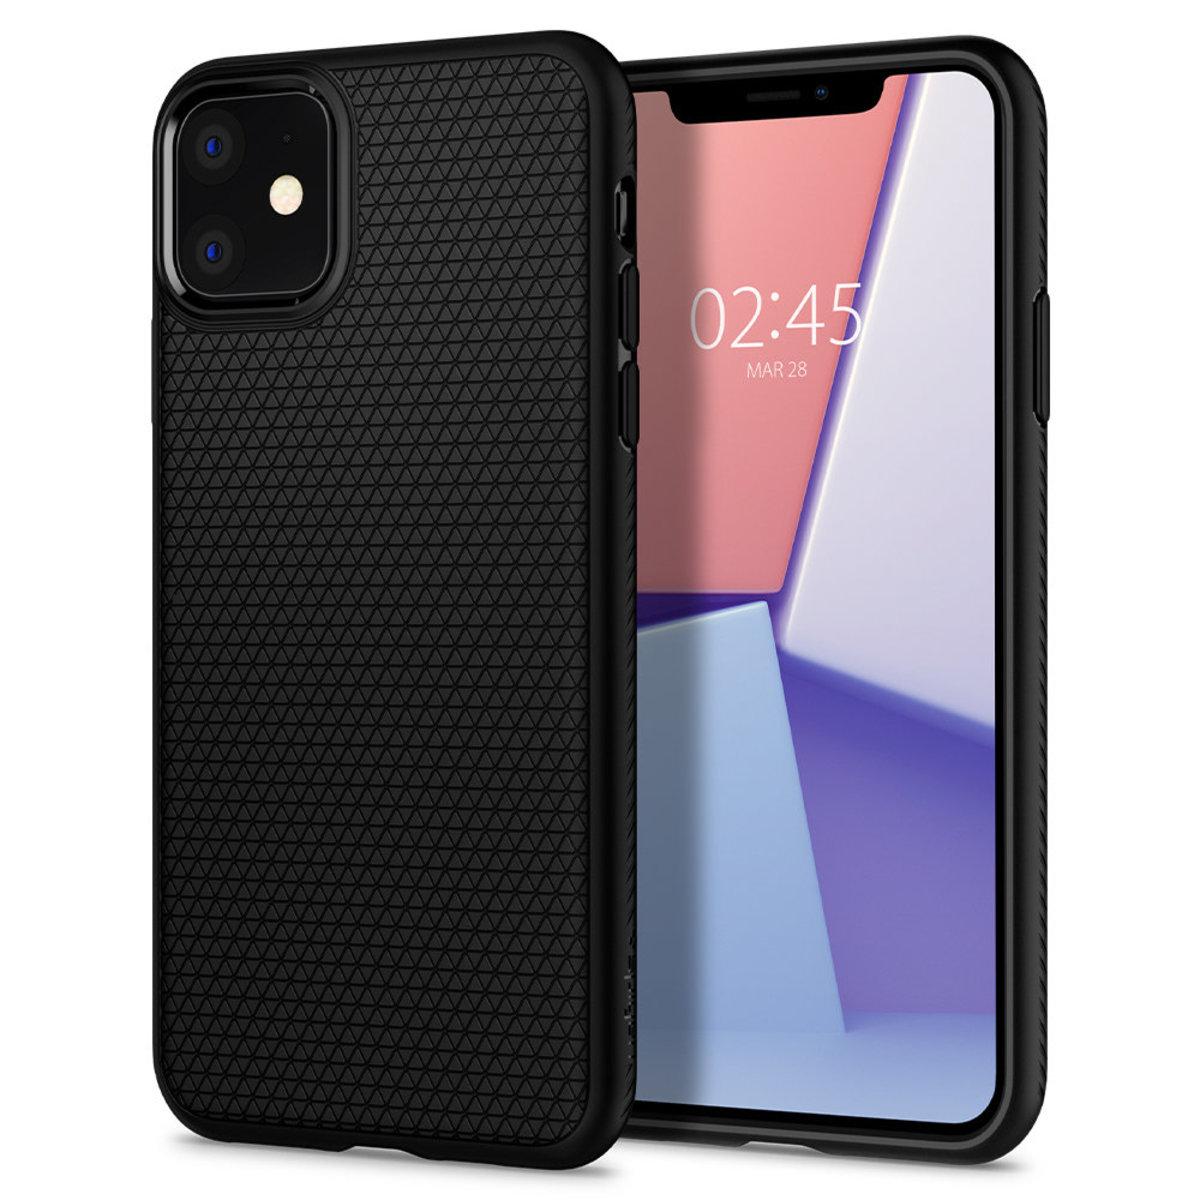 iPhone 11 Case Liquid Air - Black